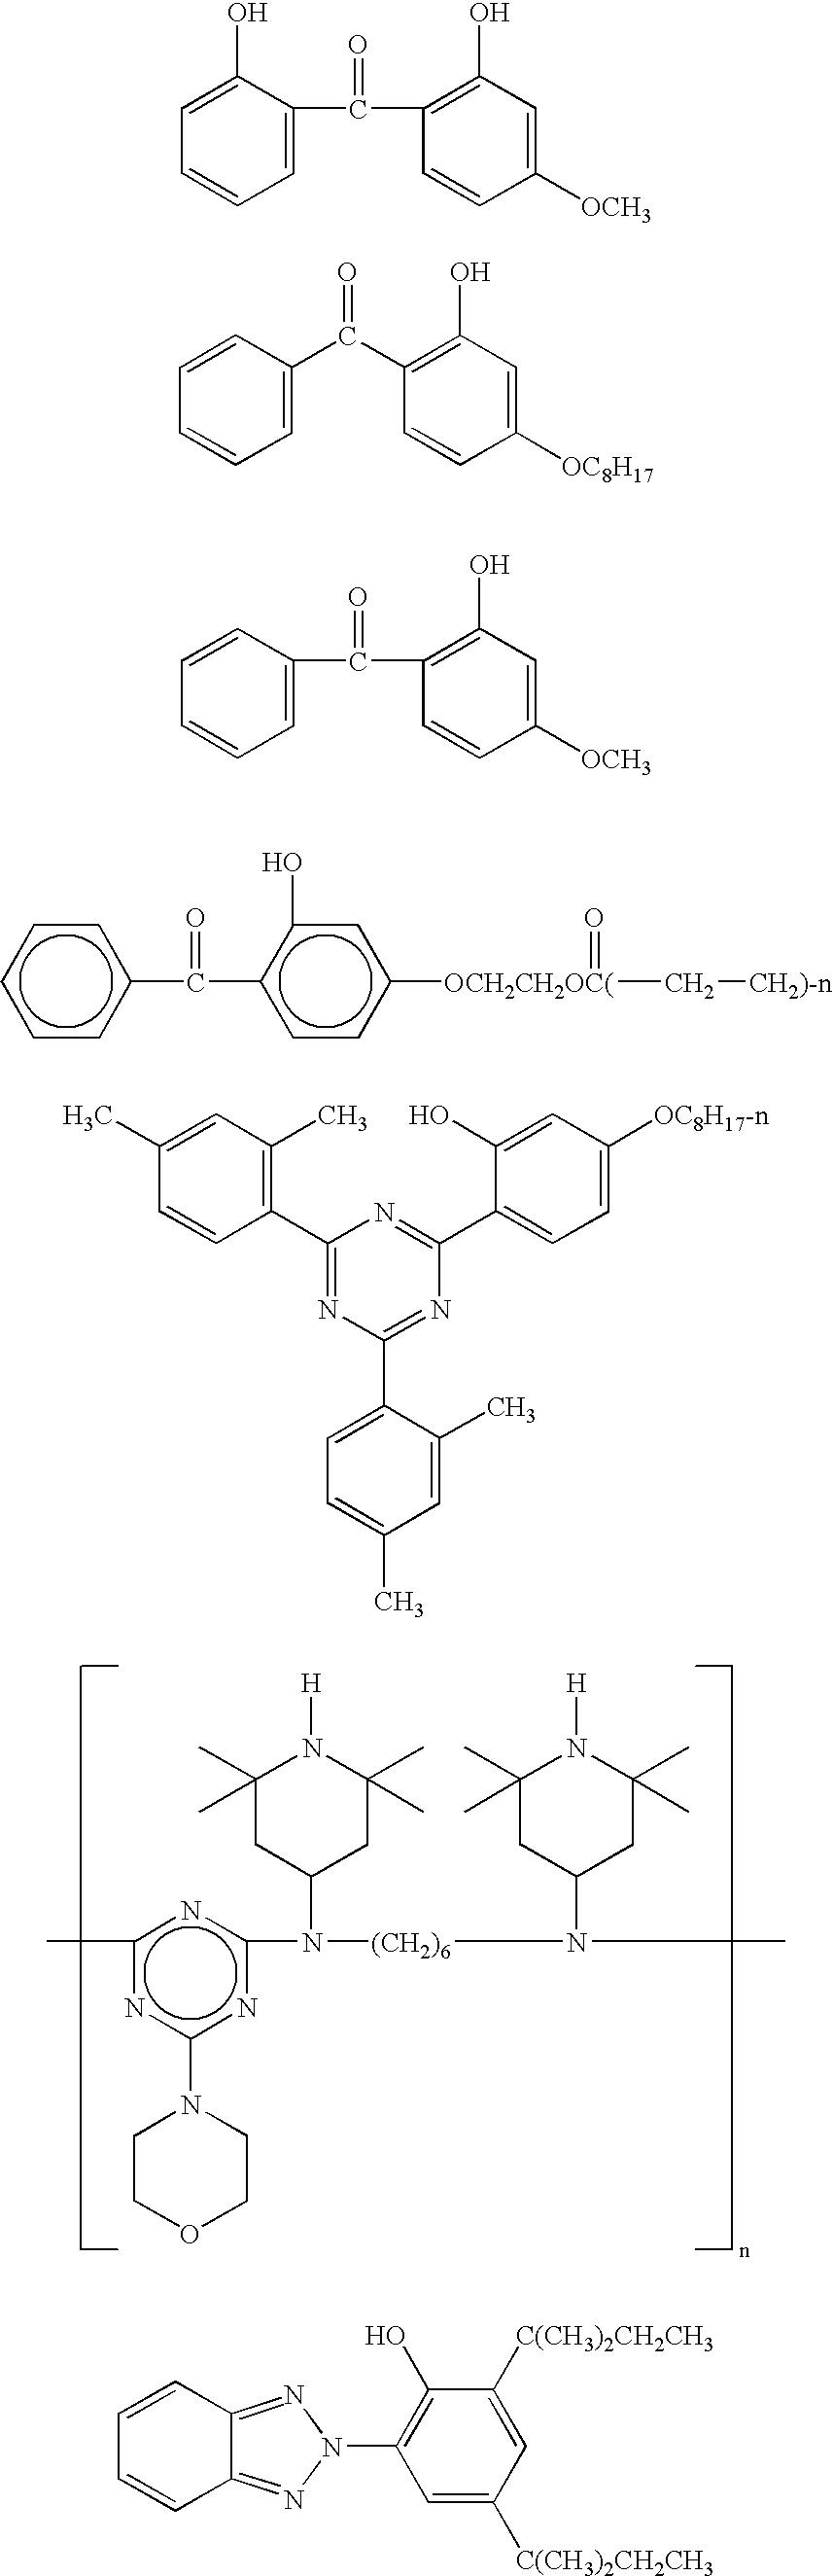 Figure US20090035674A1-20090205-C00001